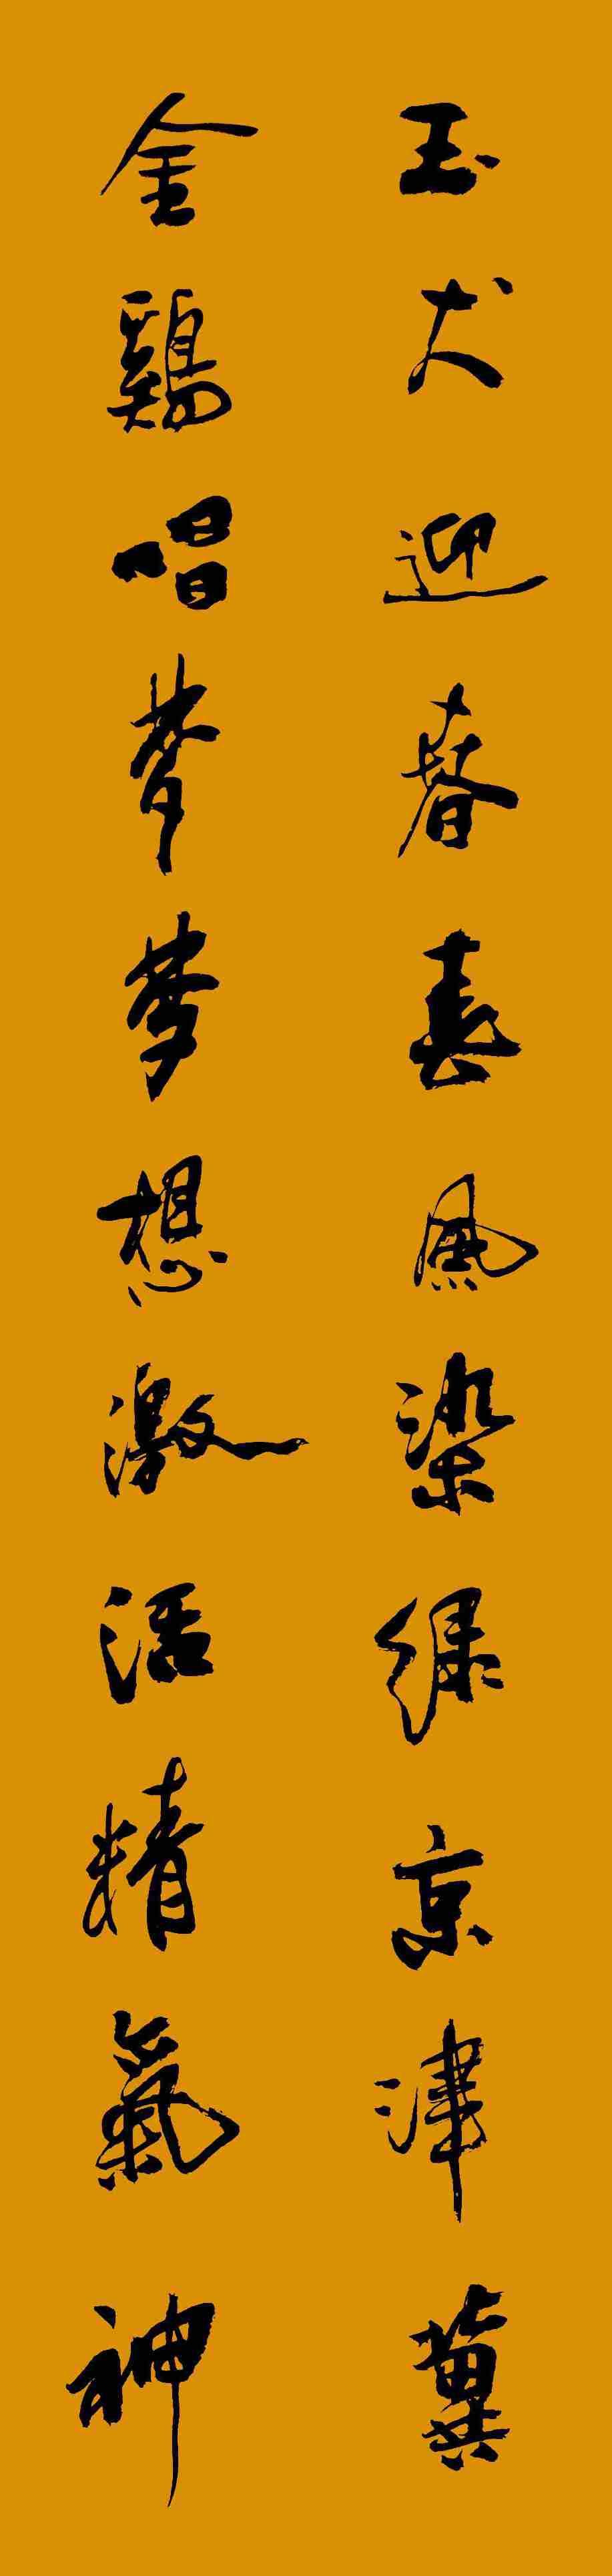 1沧州刘瑞华书法.jpg